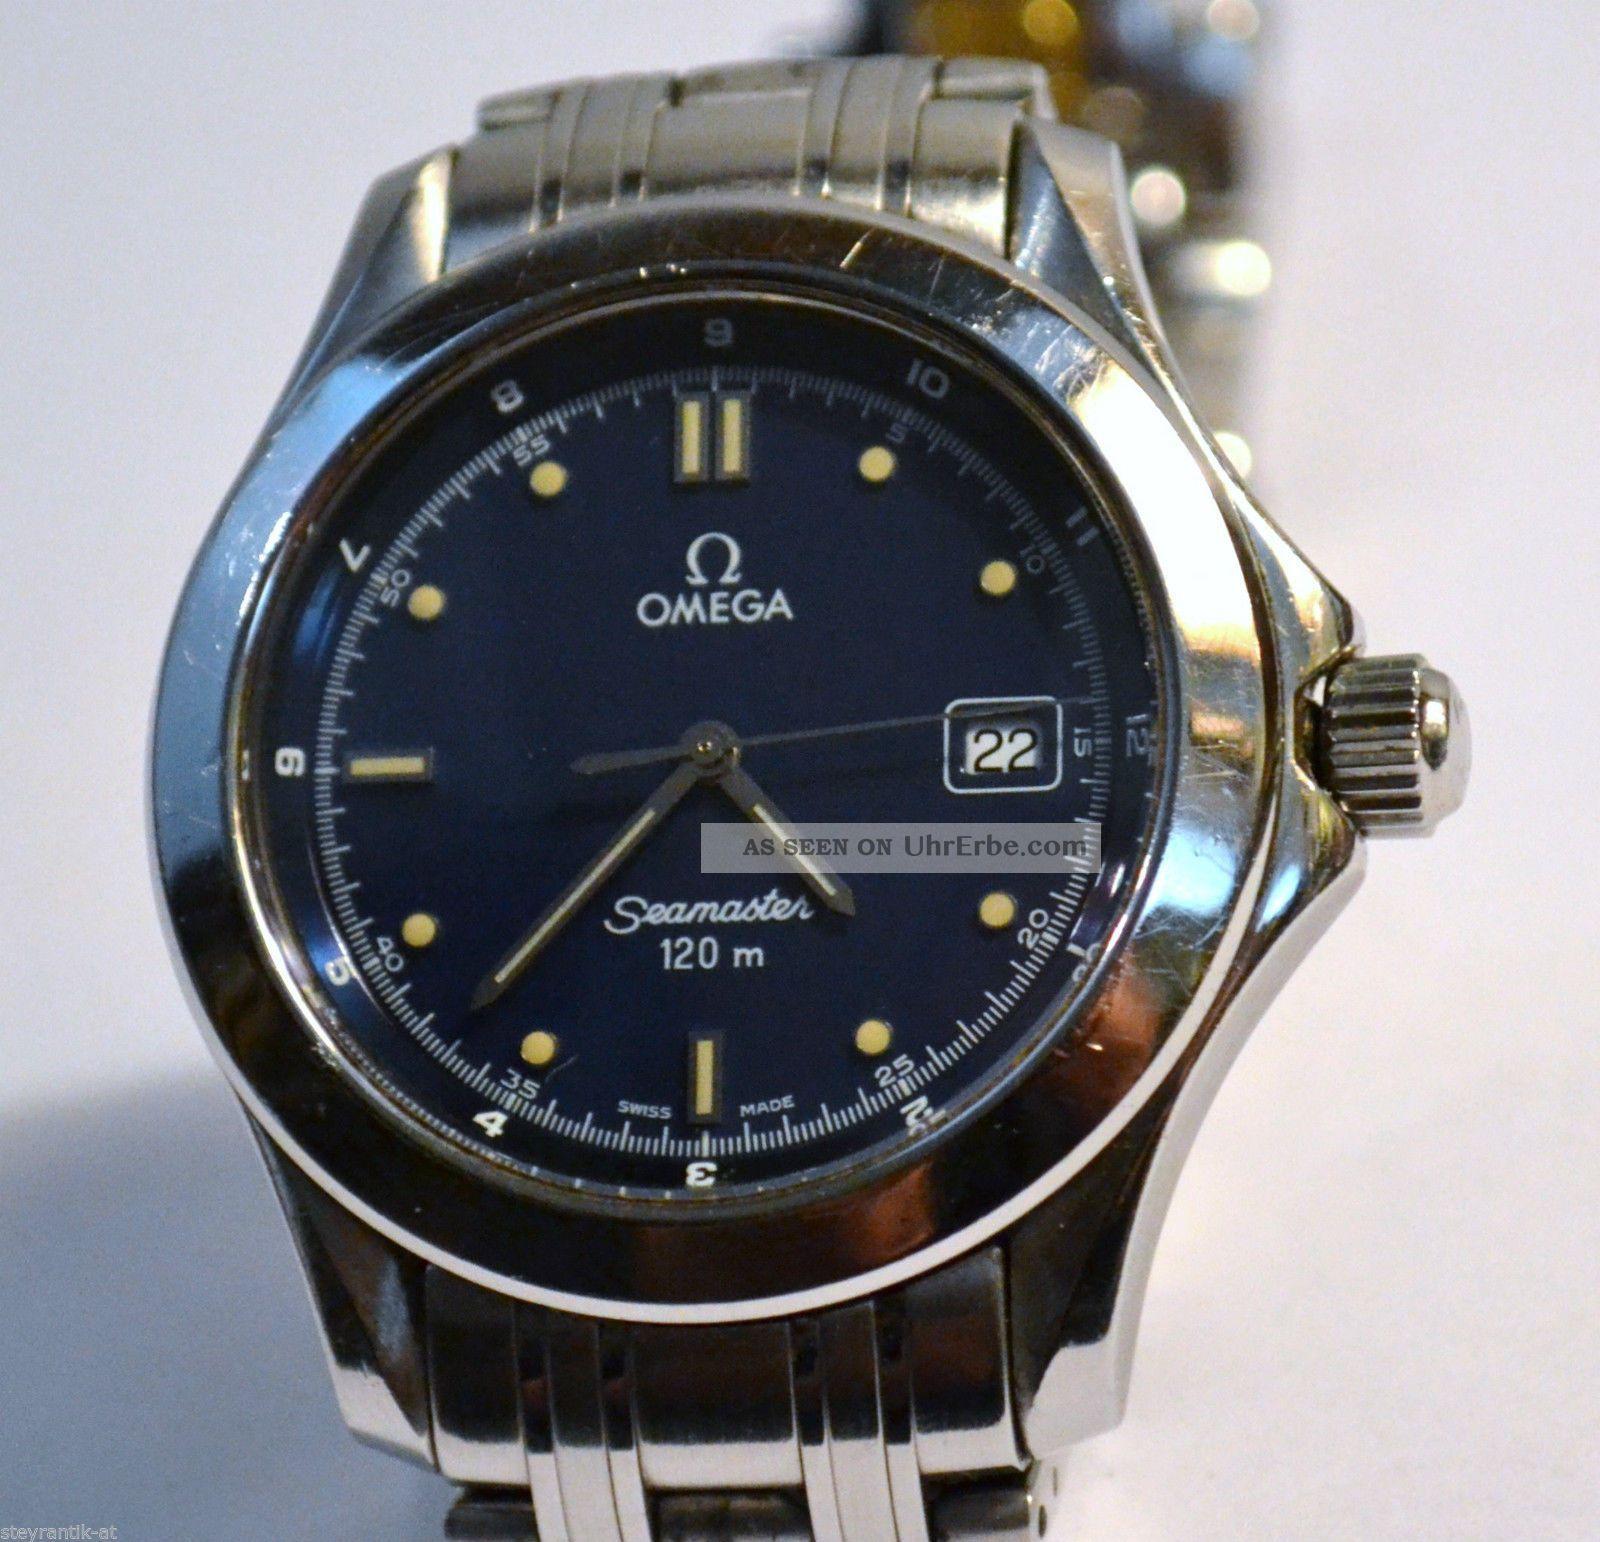 Omega Seamaster Herren Armbanduhr 120m Quarz Edelstahl Herrenuhr Armbanduhren Bild